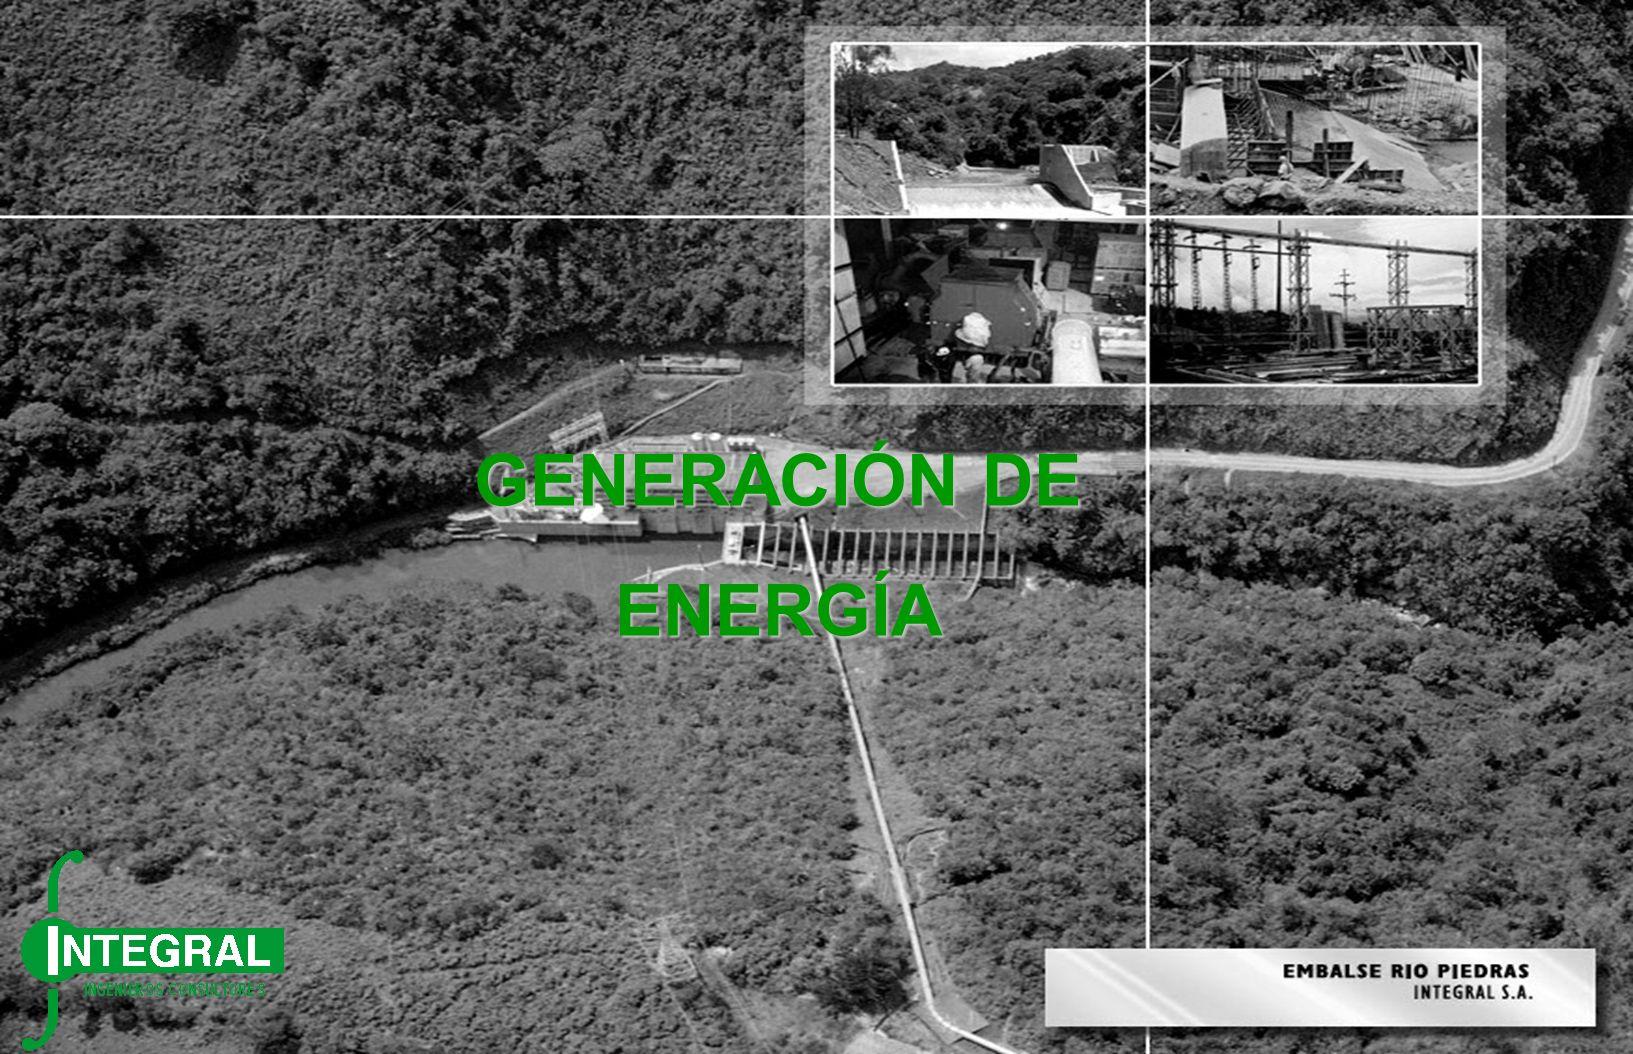 Propiciando el desarrollo hidroeléctrico de Colombia: Diseño y supervisión de las más importantes obras del complejo hidroeléctrico del oriente antioqueño.